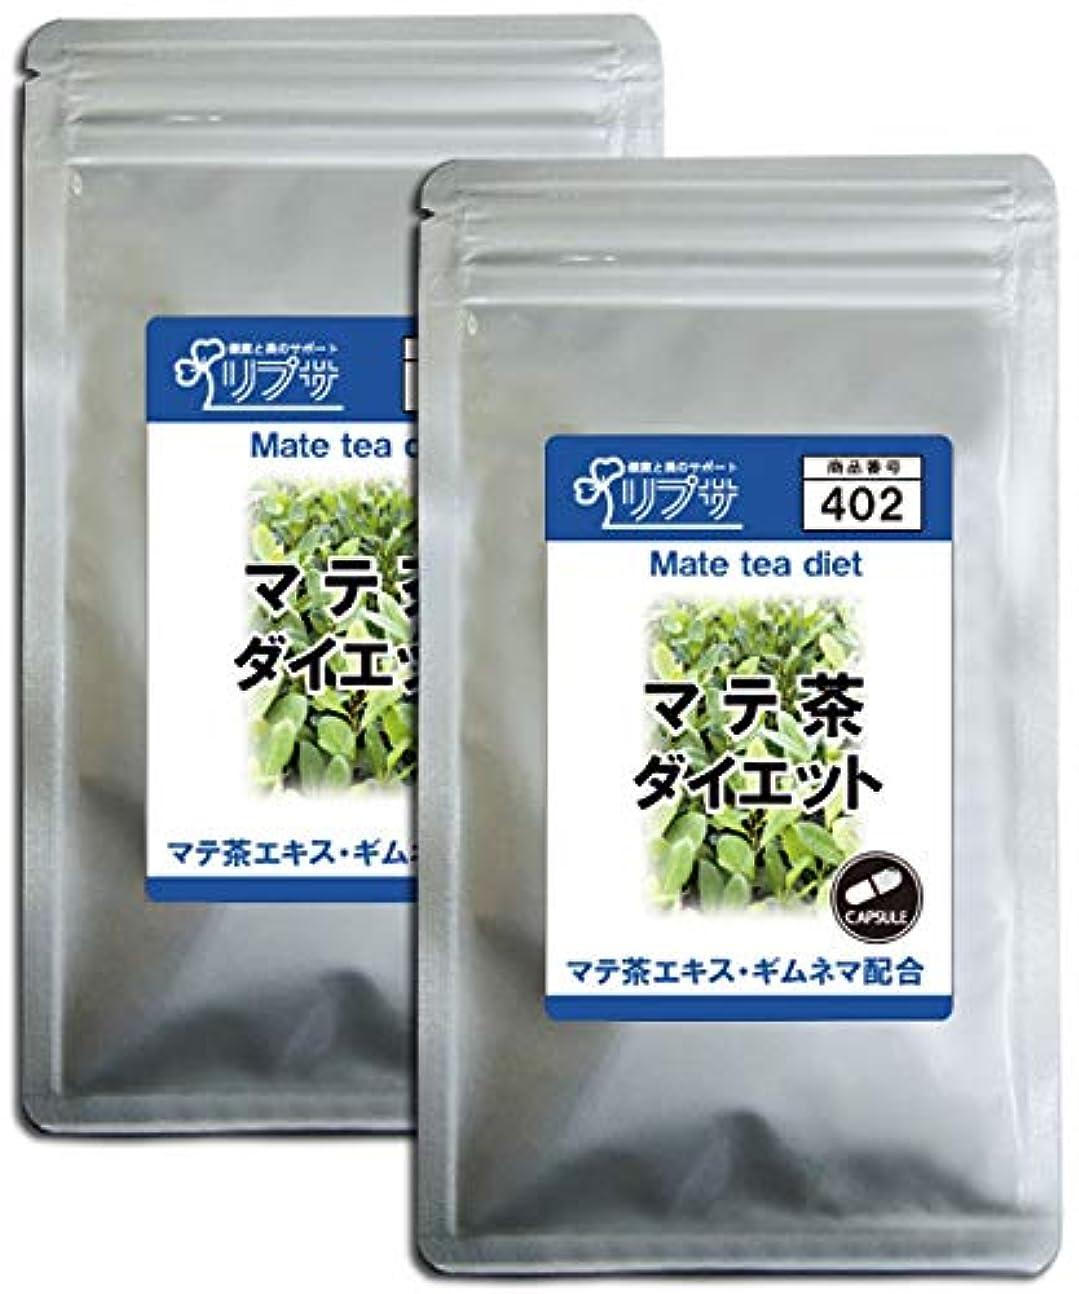 反対した慢な発生マテ茶ダイエット 約3か月分×2袋 C-402-2